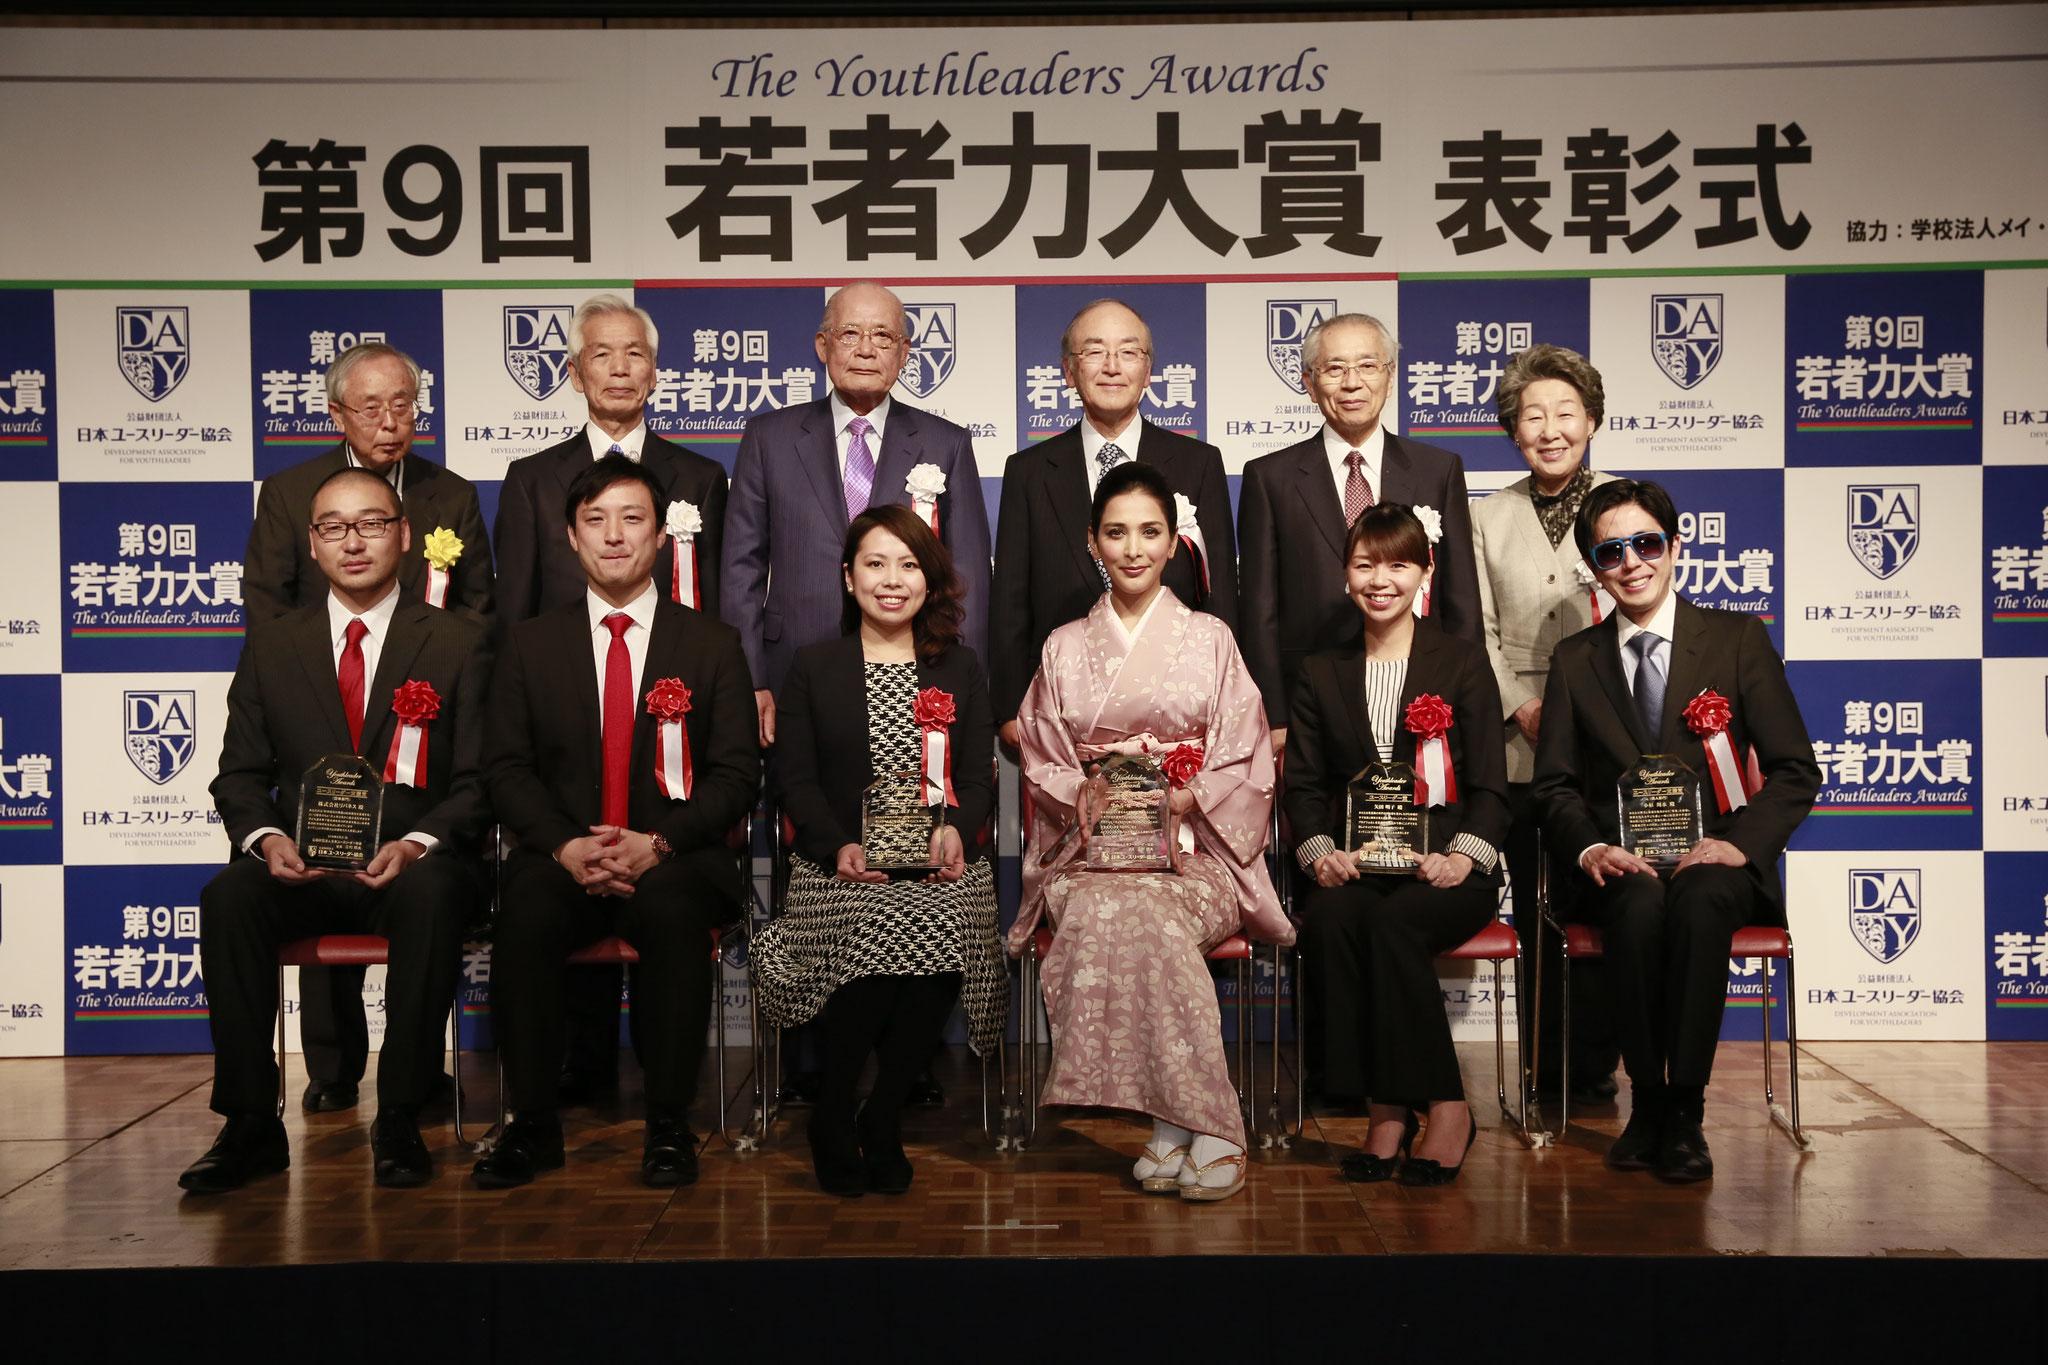 第9回若者力大賞表彰式 2018年2月21日(水)